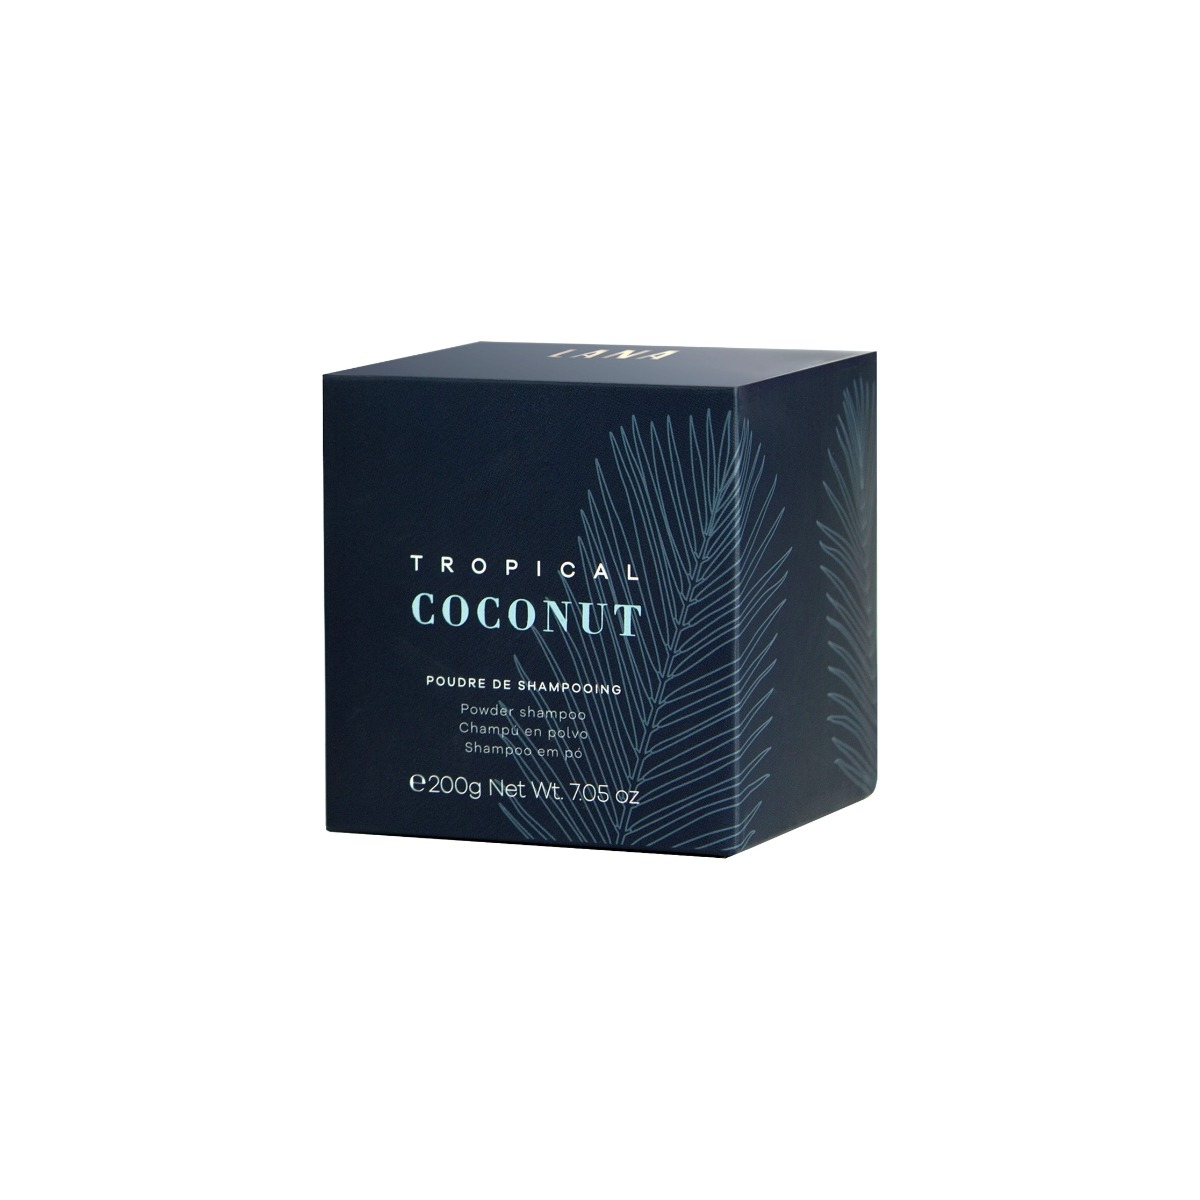 Lana Brasiles - Tropical Coconut Shampoo em Pó 200g